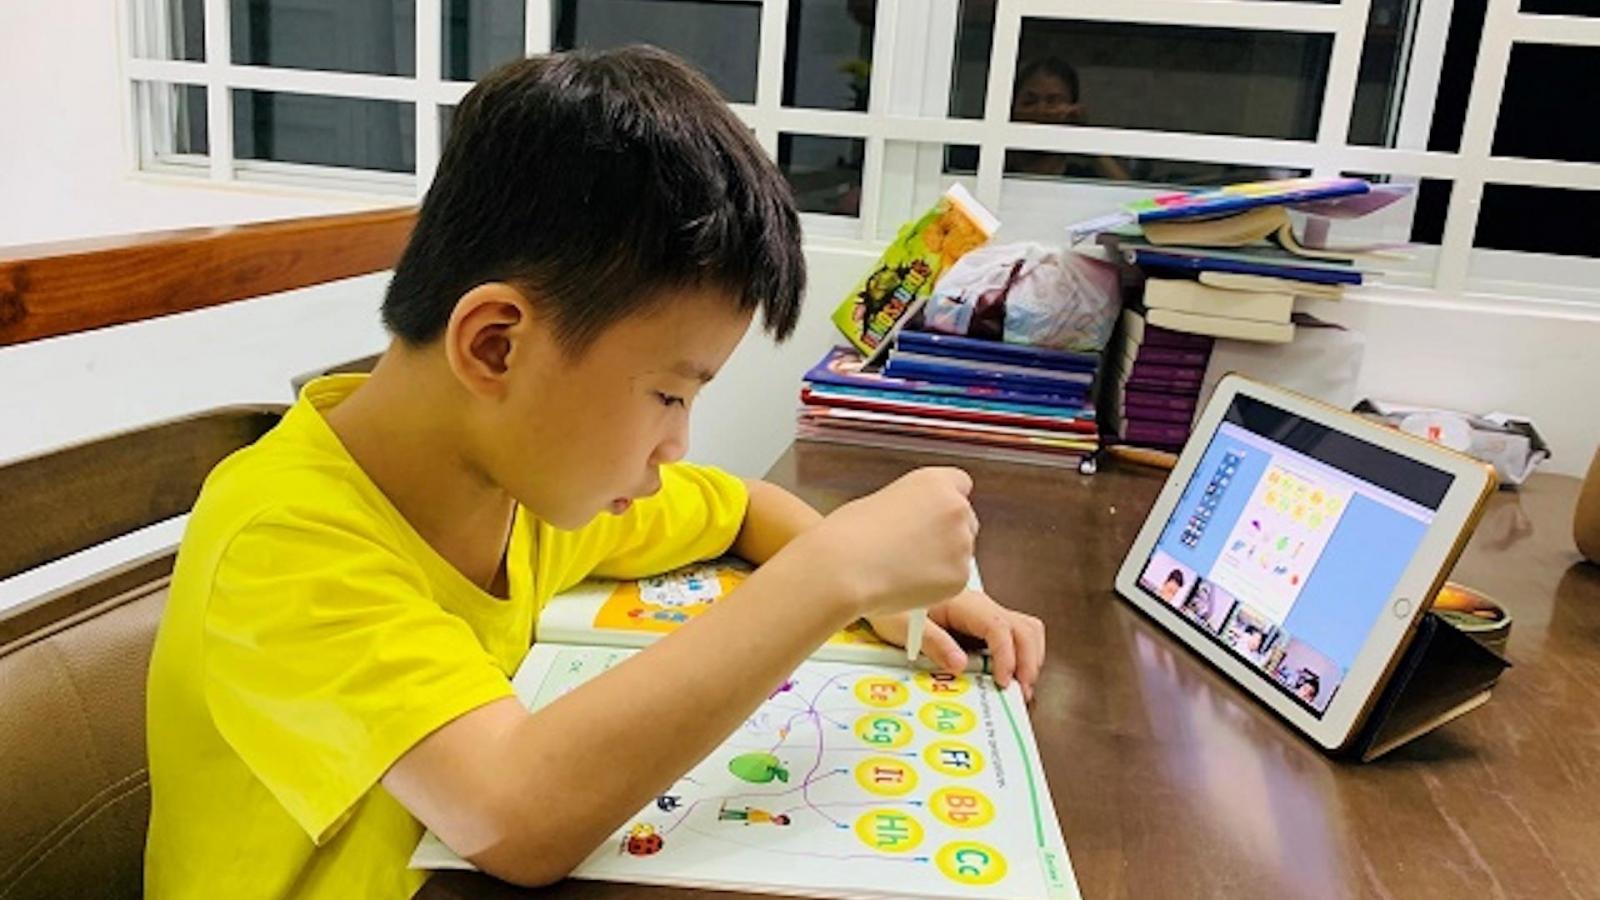 Điện thoại phát nổ khi trẻ học online, phòng tránh cách nào?